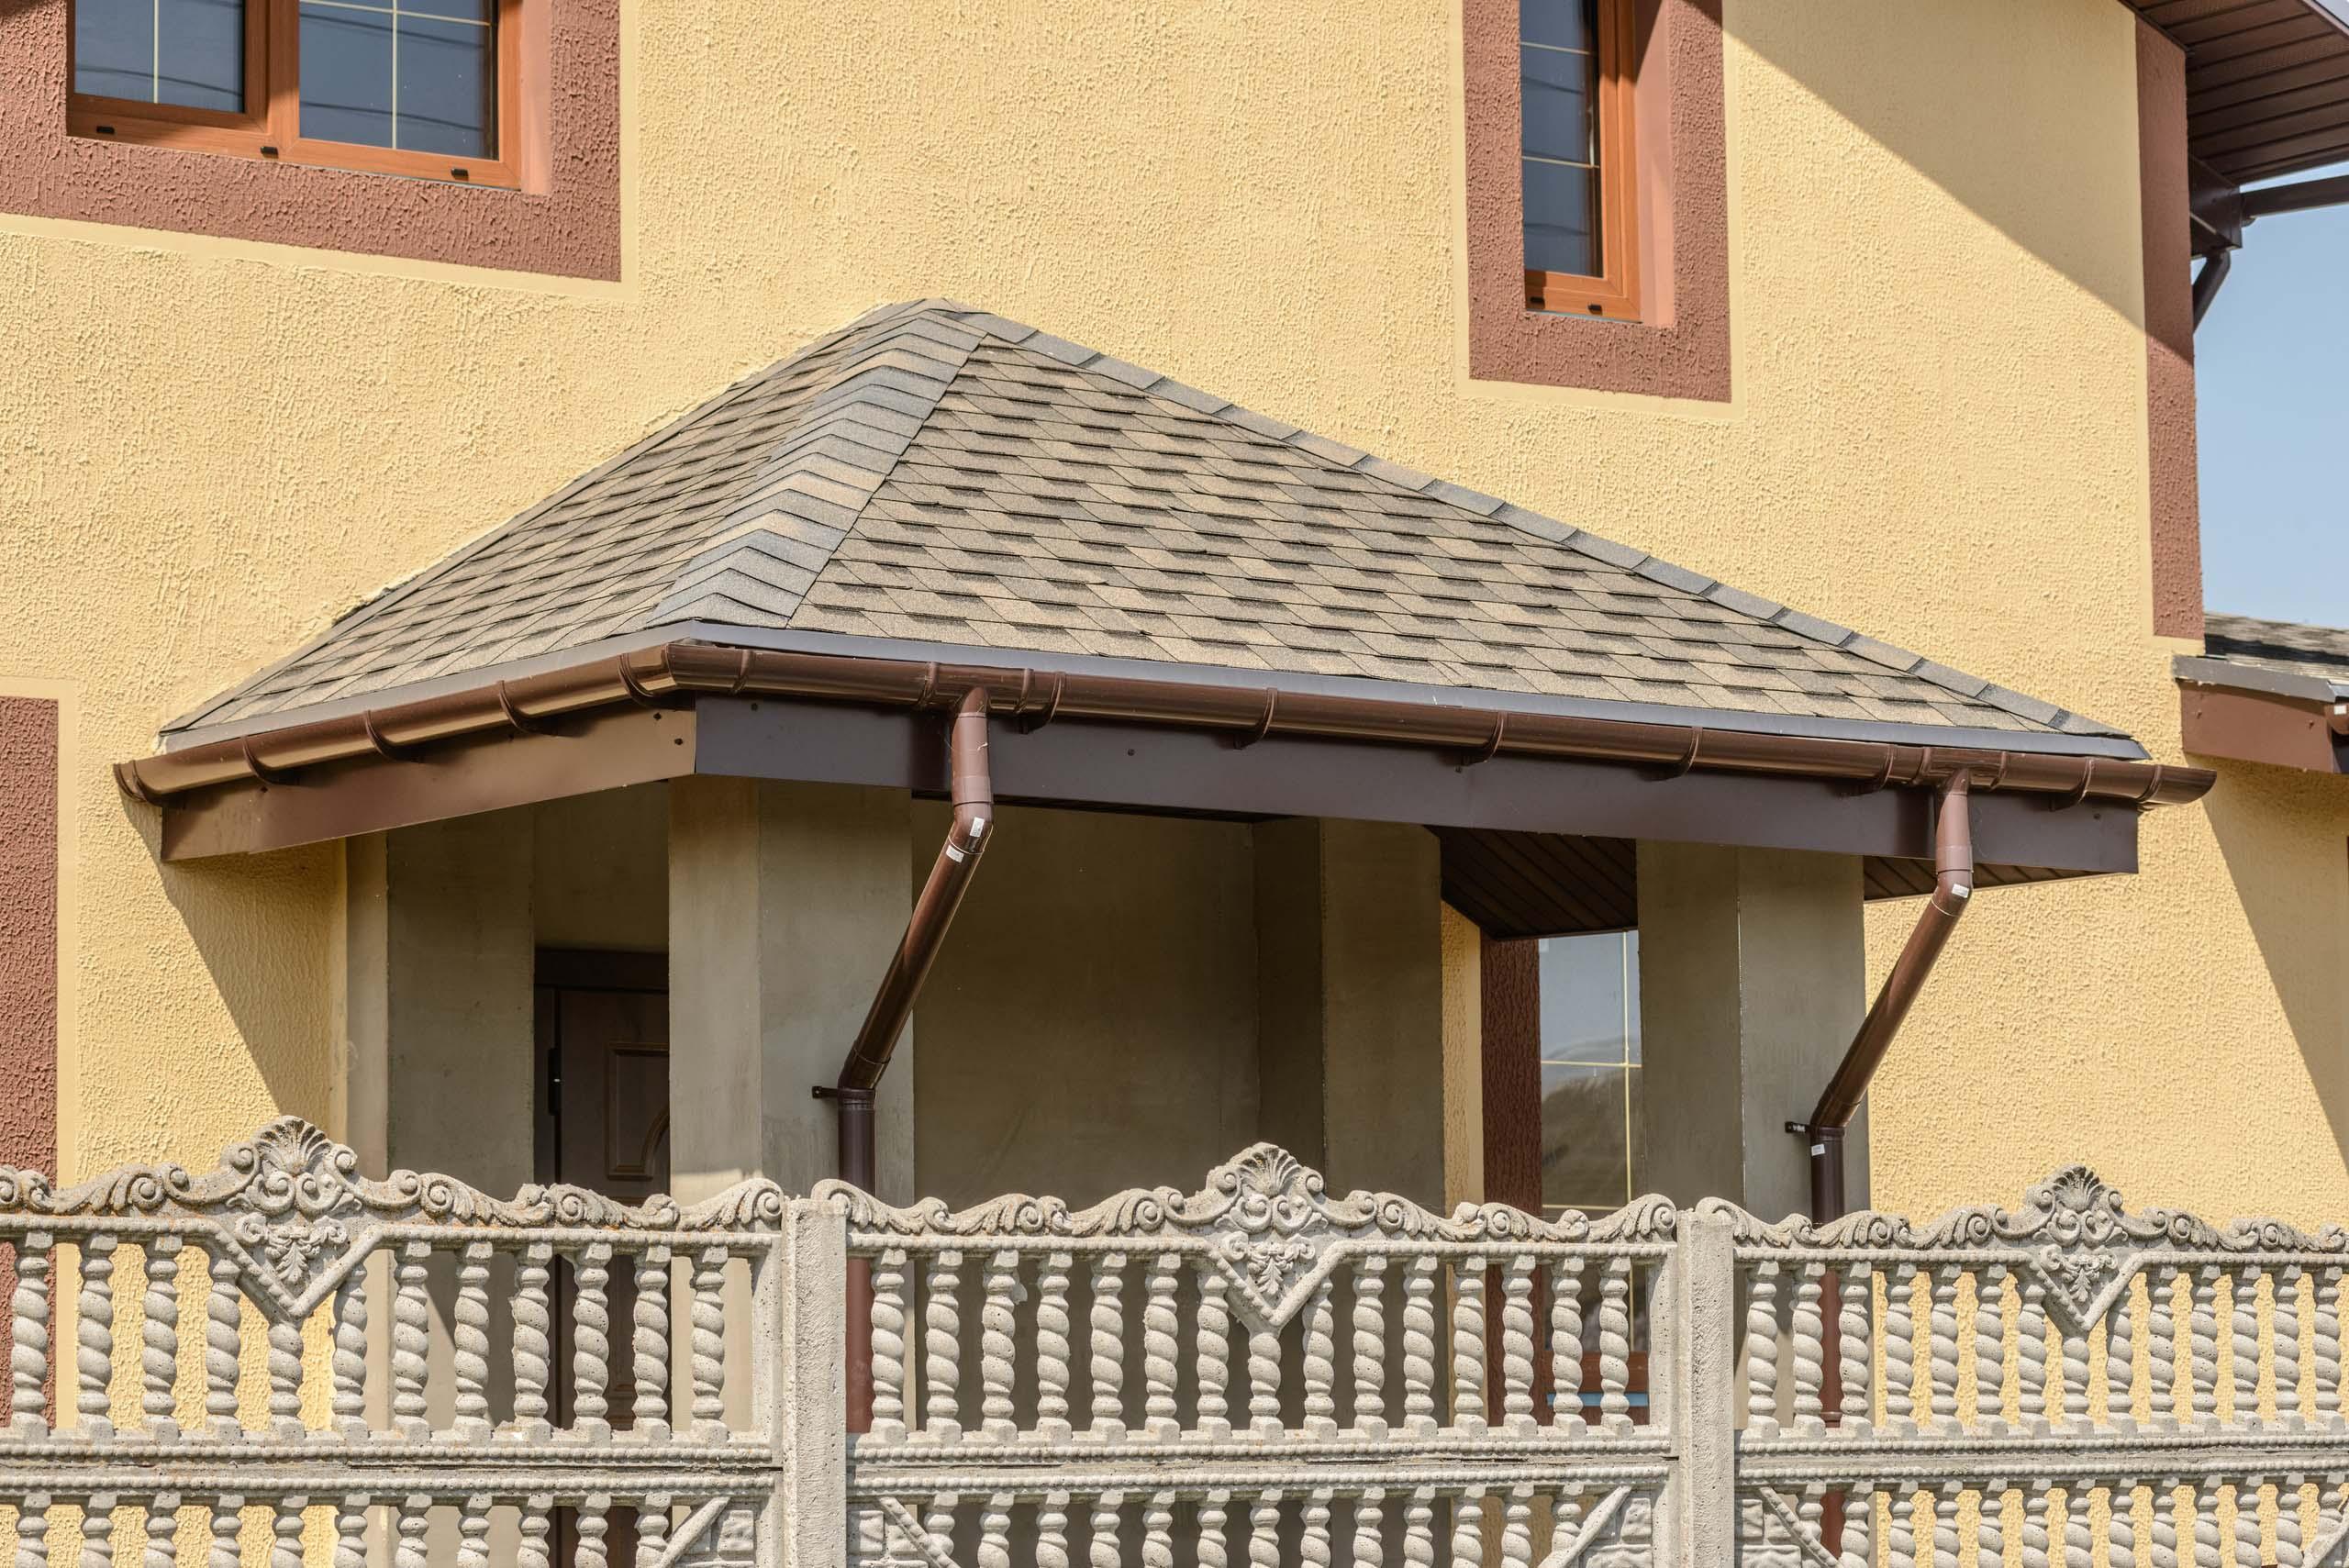 пластиковый водосток для крыши, водосток для крыши, водосток для крыши цена, водосточная система, водосточная система polivent